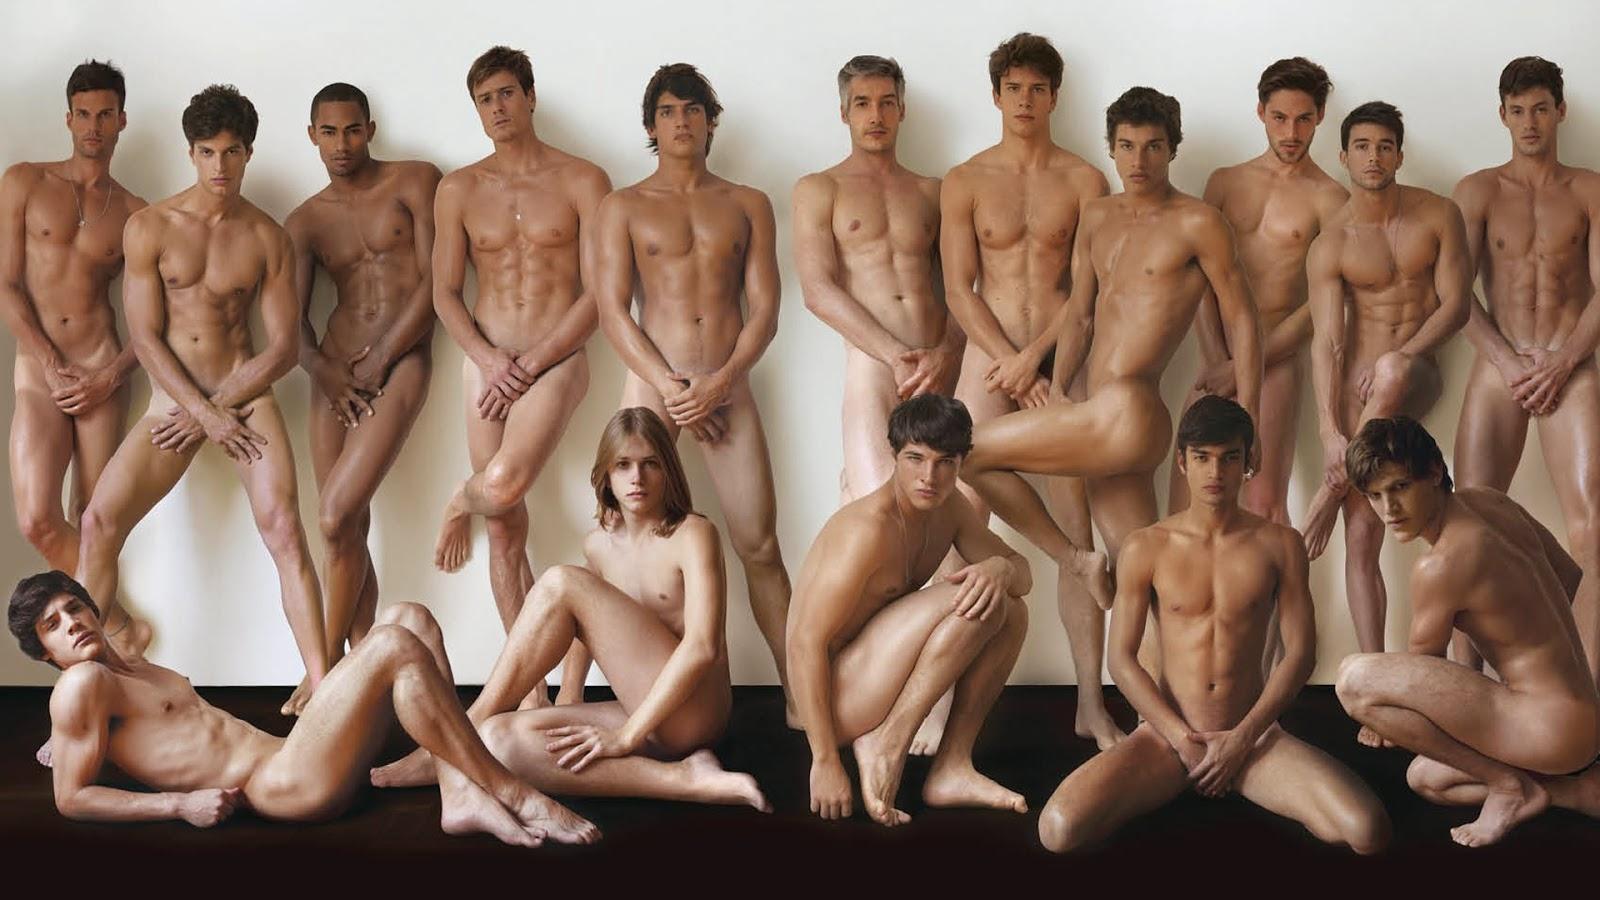 полезная фраза Классная фото голых девушек из читы что сейчас могу высказаться